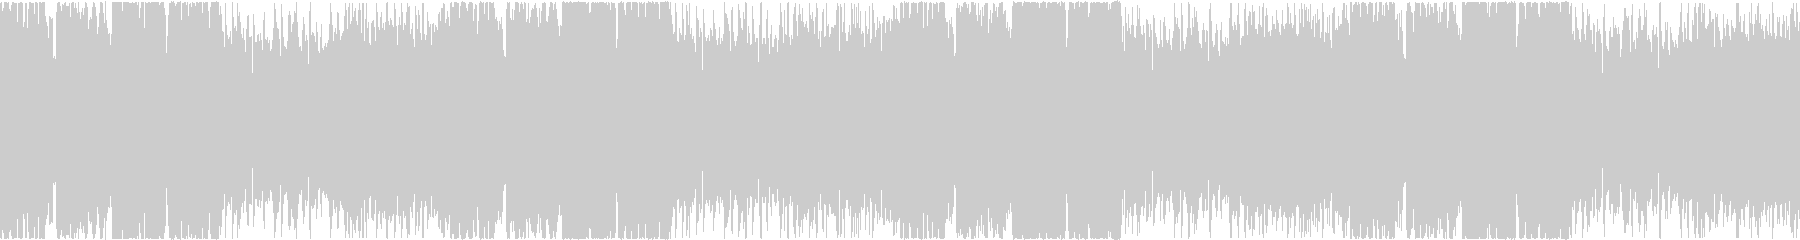 アイリッシュ・ケルト音楽ループの未再生の波形